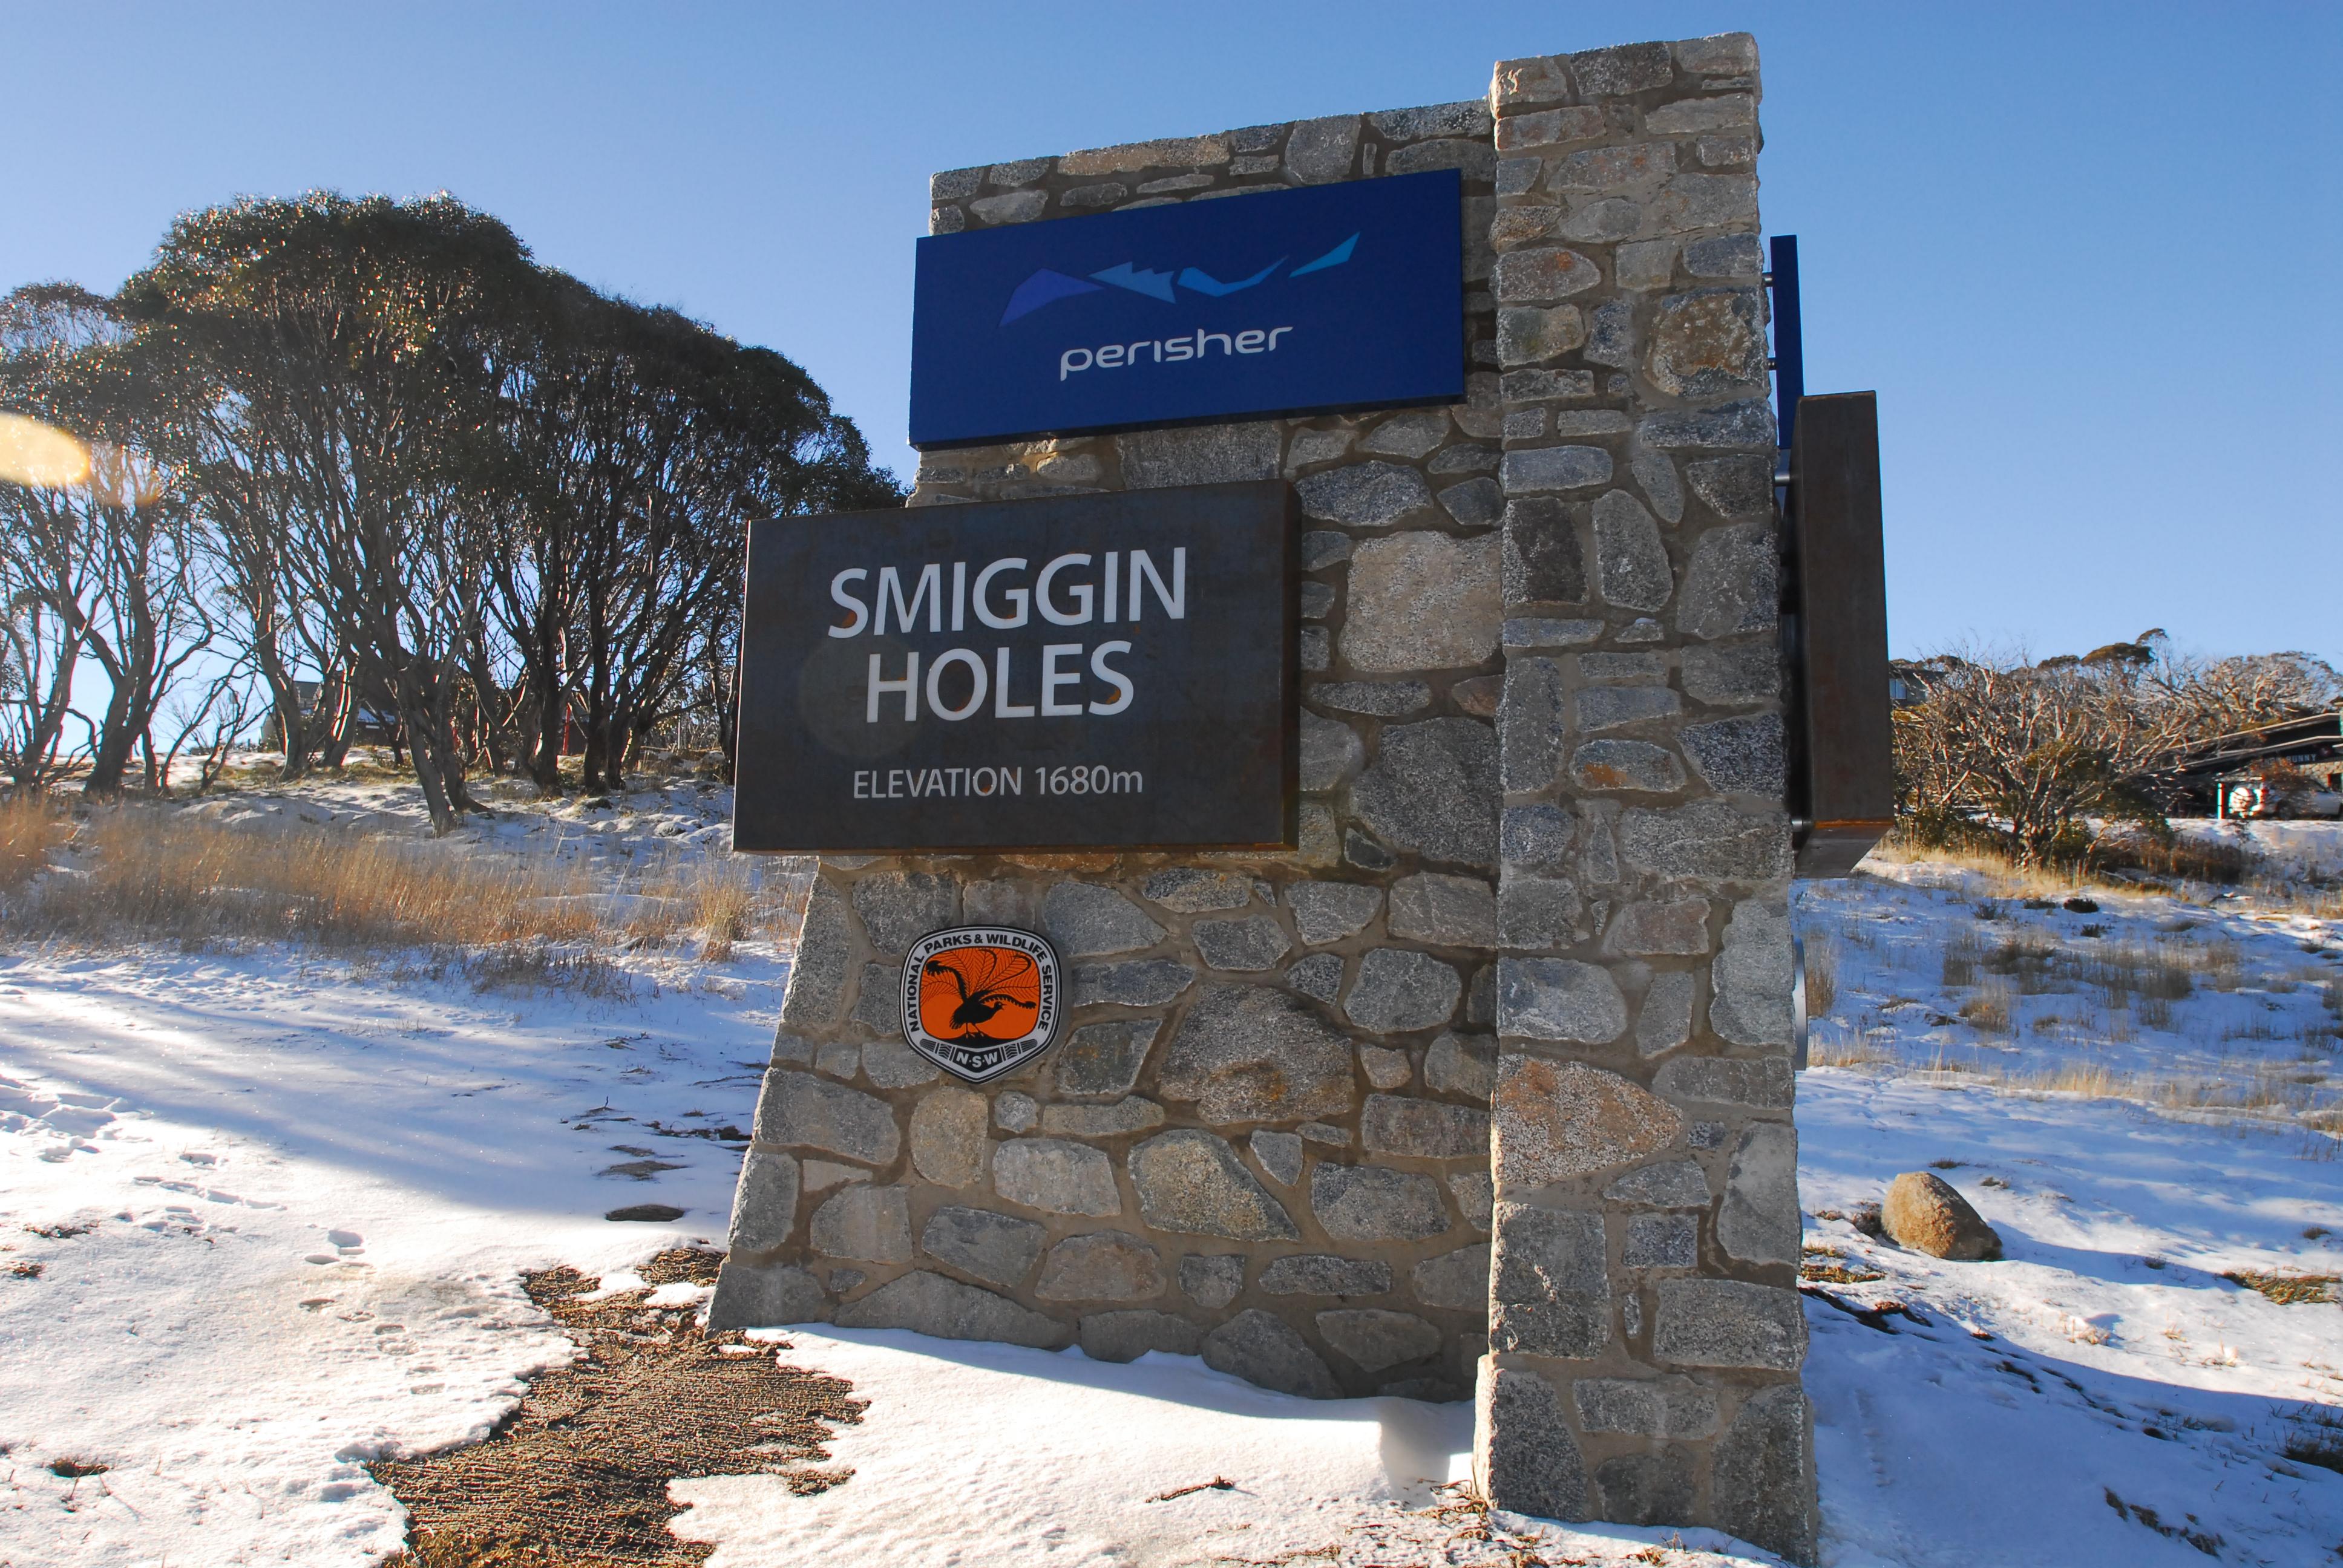 Perisher smiggins ski resort sign